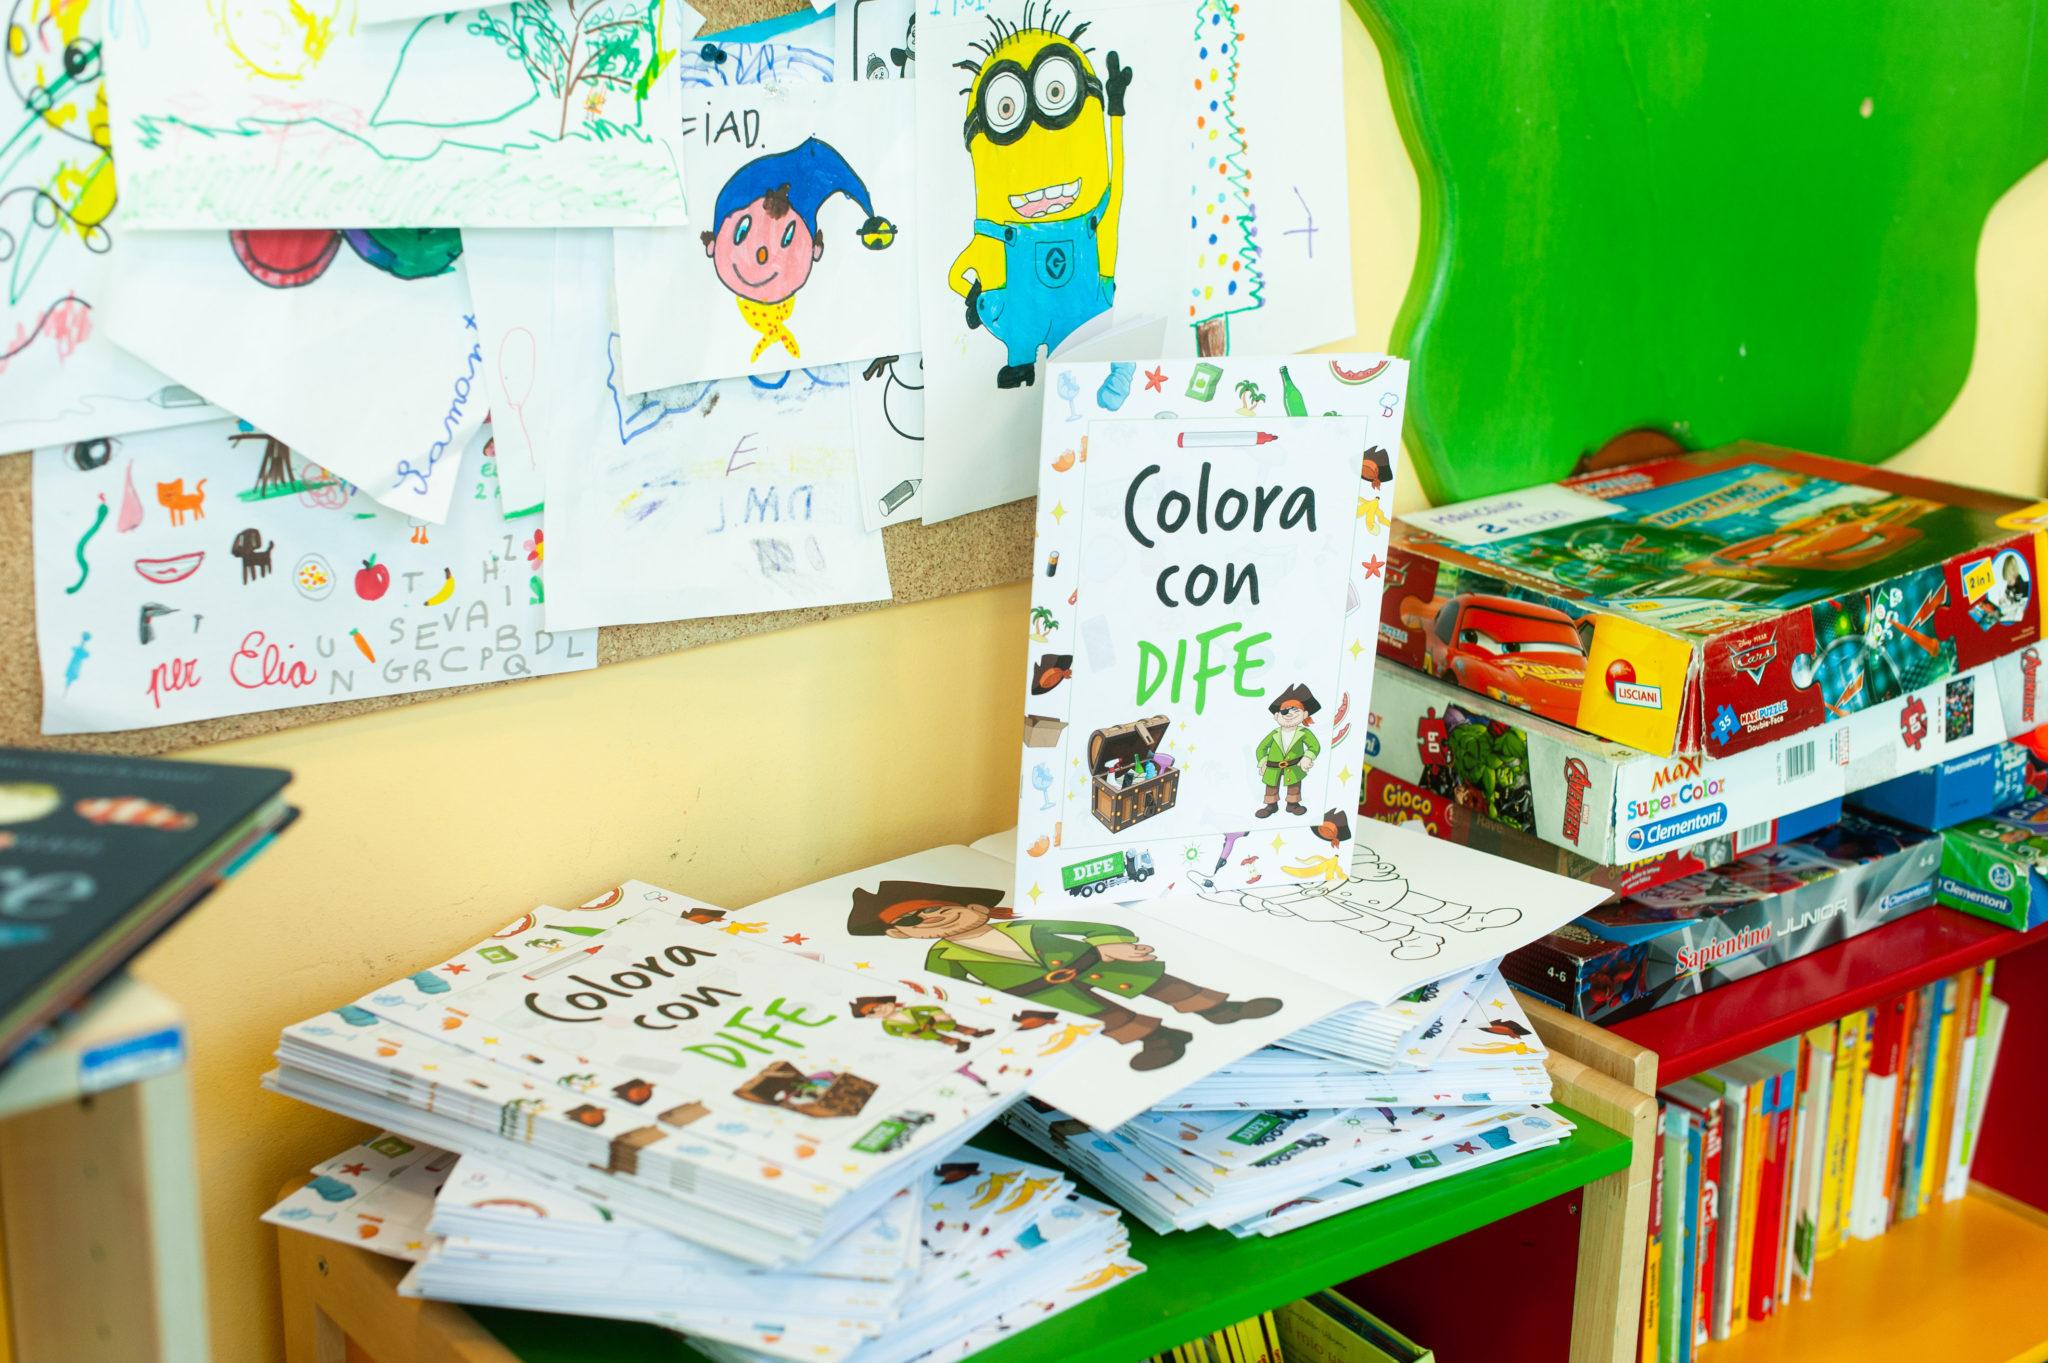 """I 100 volumi del libro da colorare """"Colora con Dife"""""""